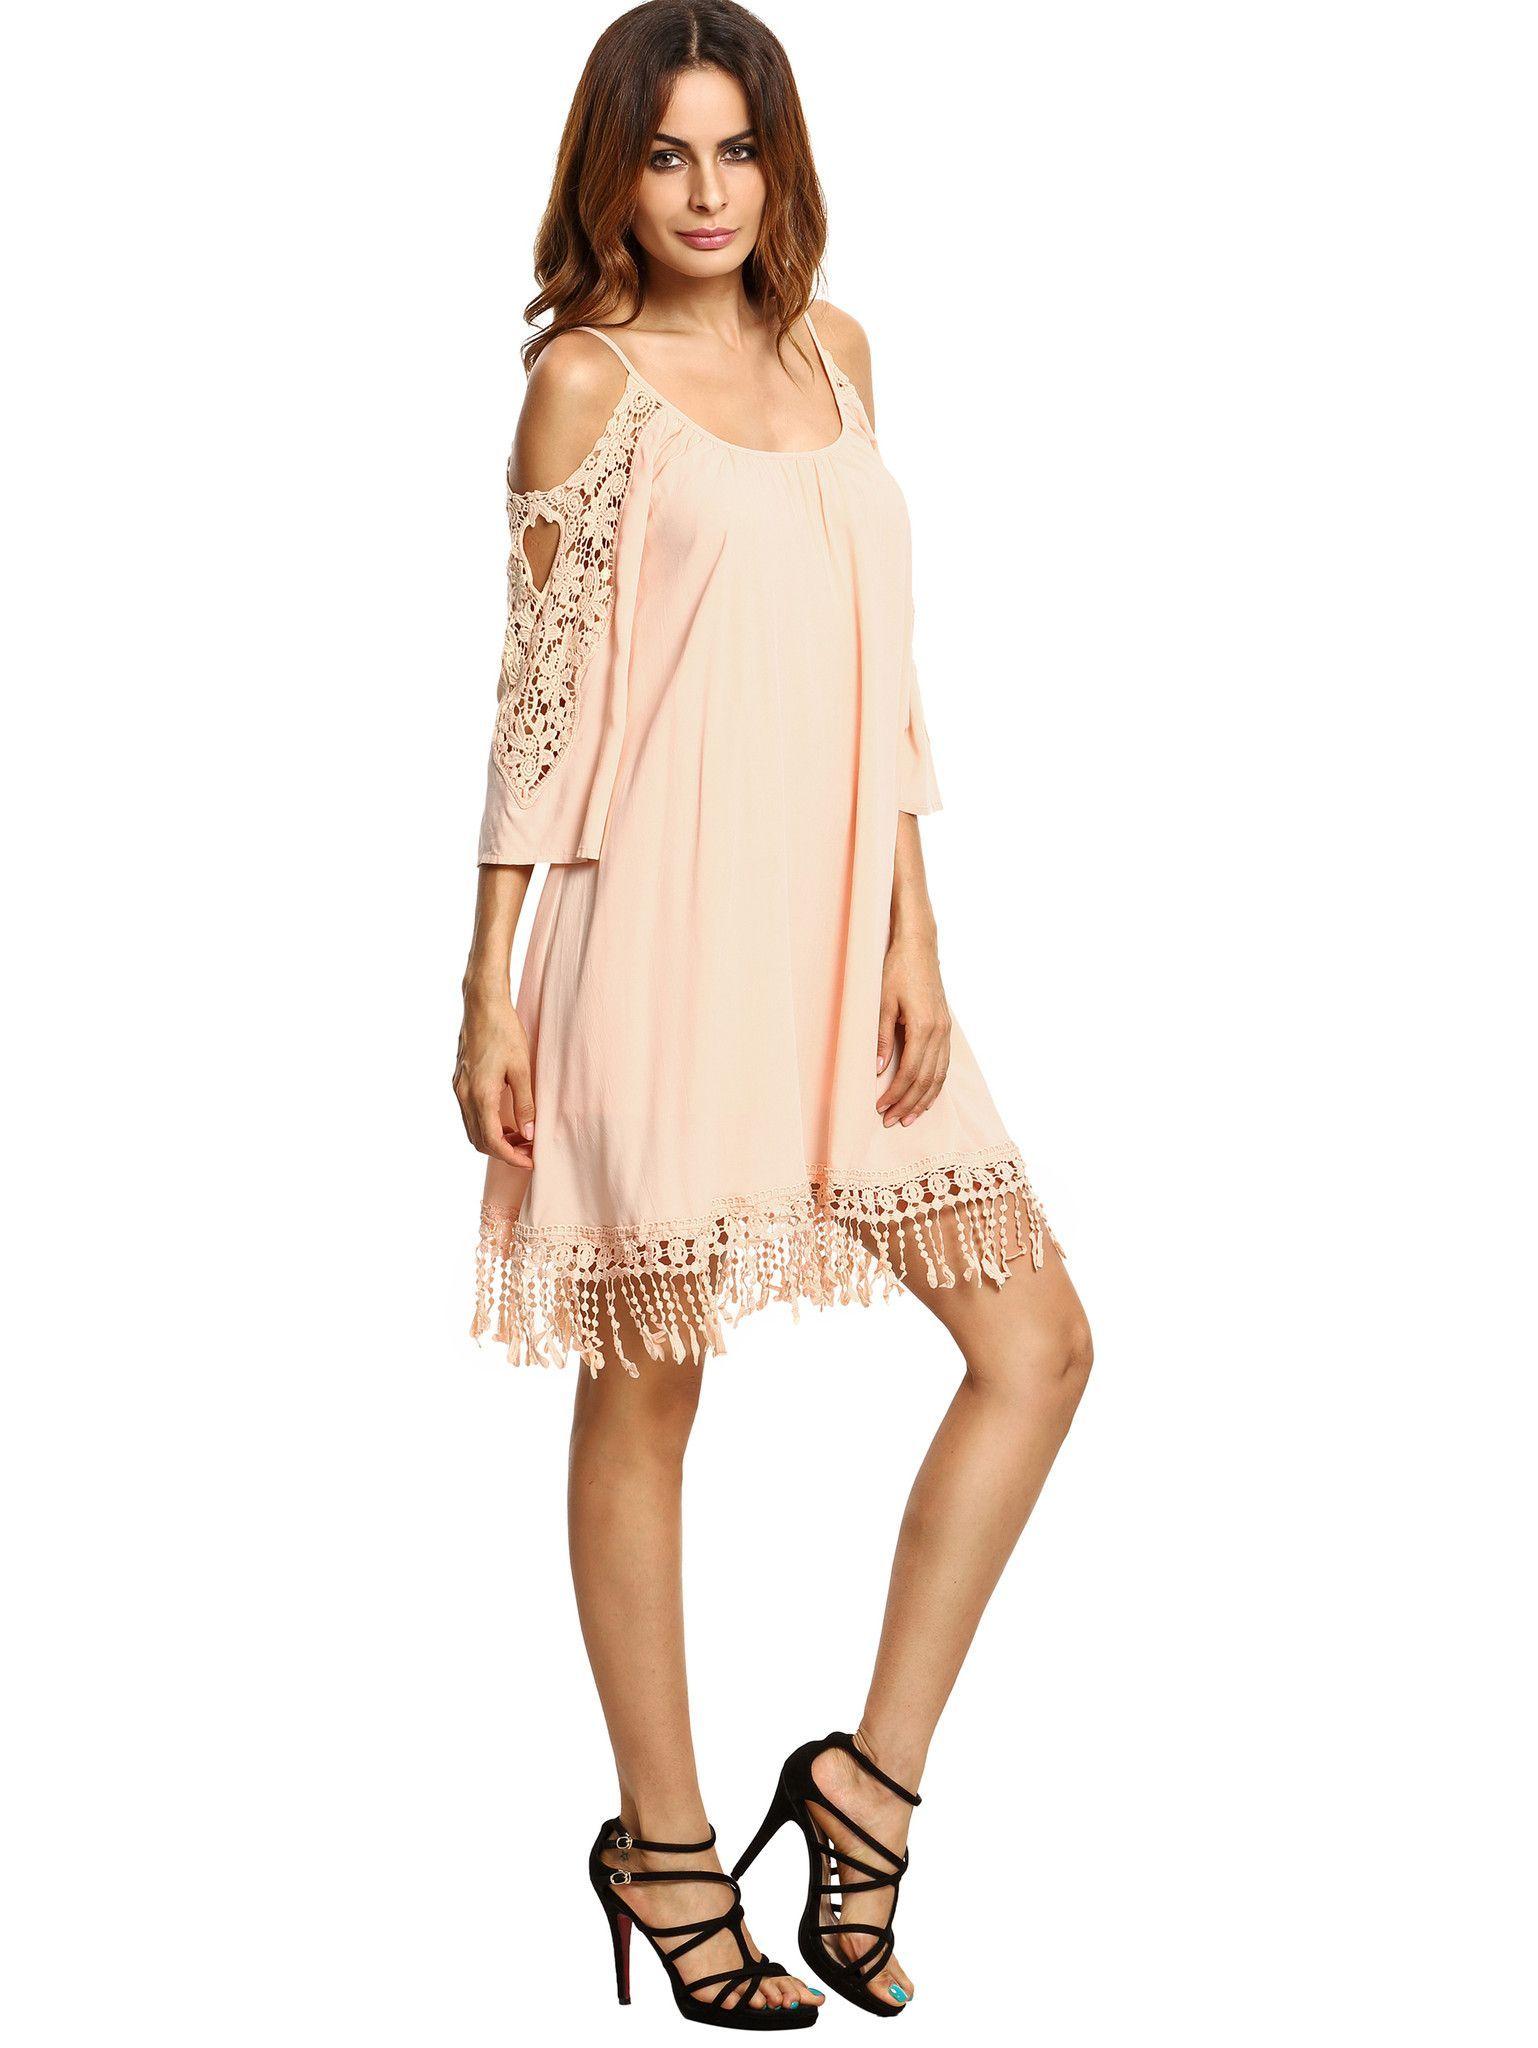 082efe262735 Apricot Crochet Lace Sleeve Tassel Dress Smukke Kvinder